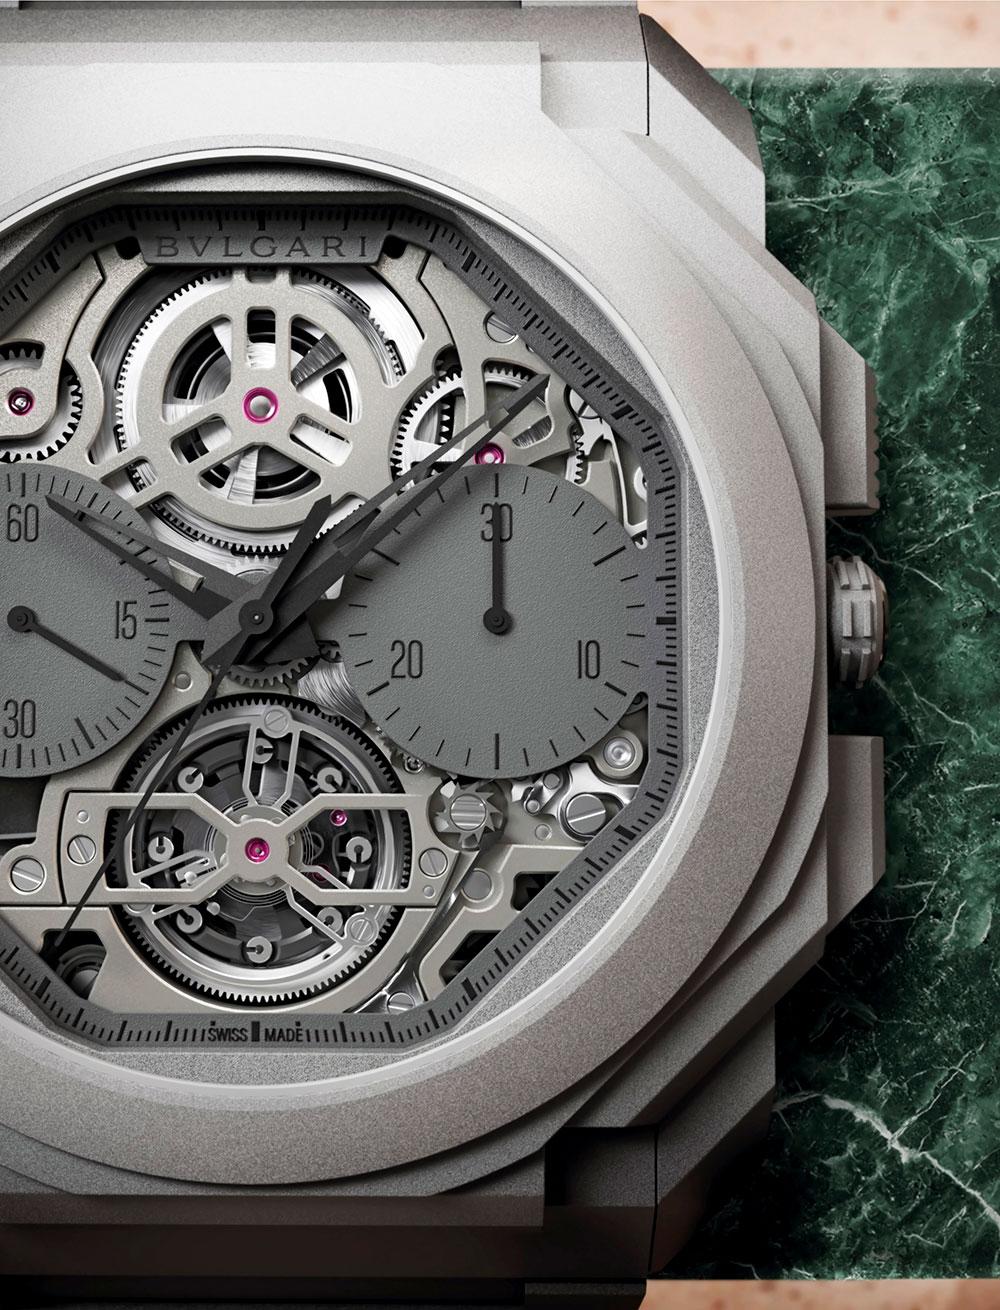 Detalle del Bvlgari Octo Finissimo Tourbillon Chronograph Skeleton Automatic